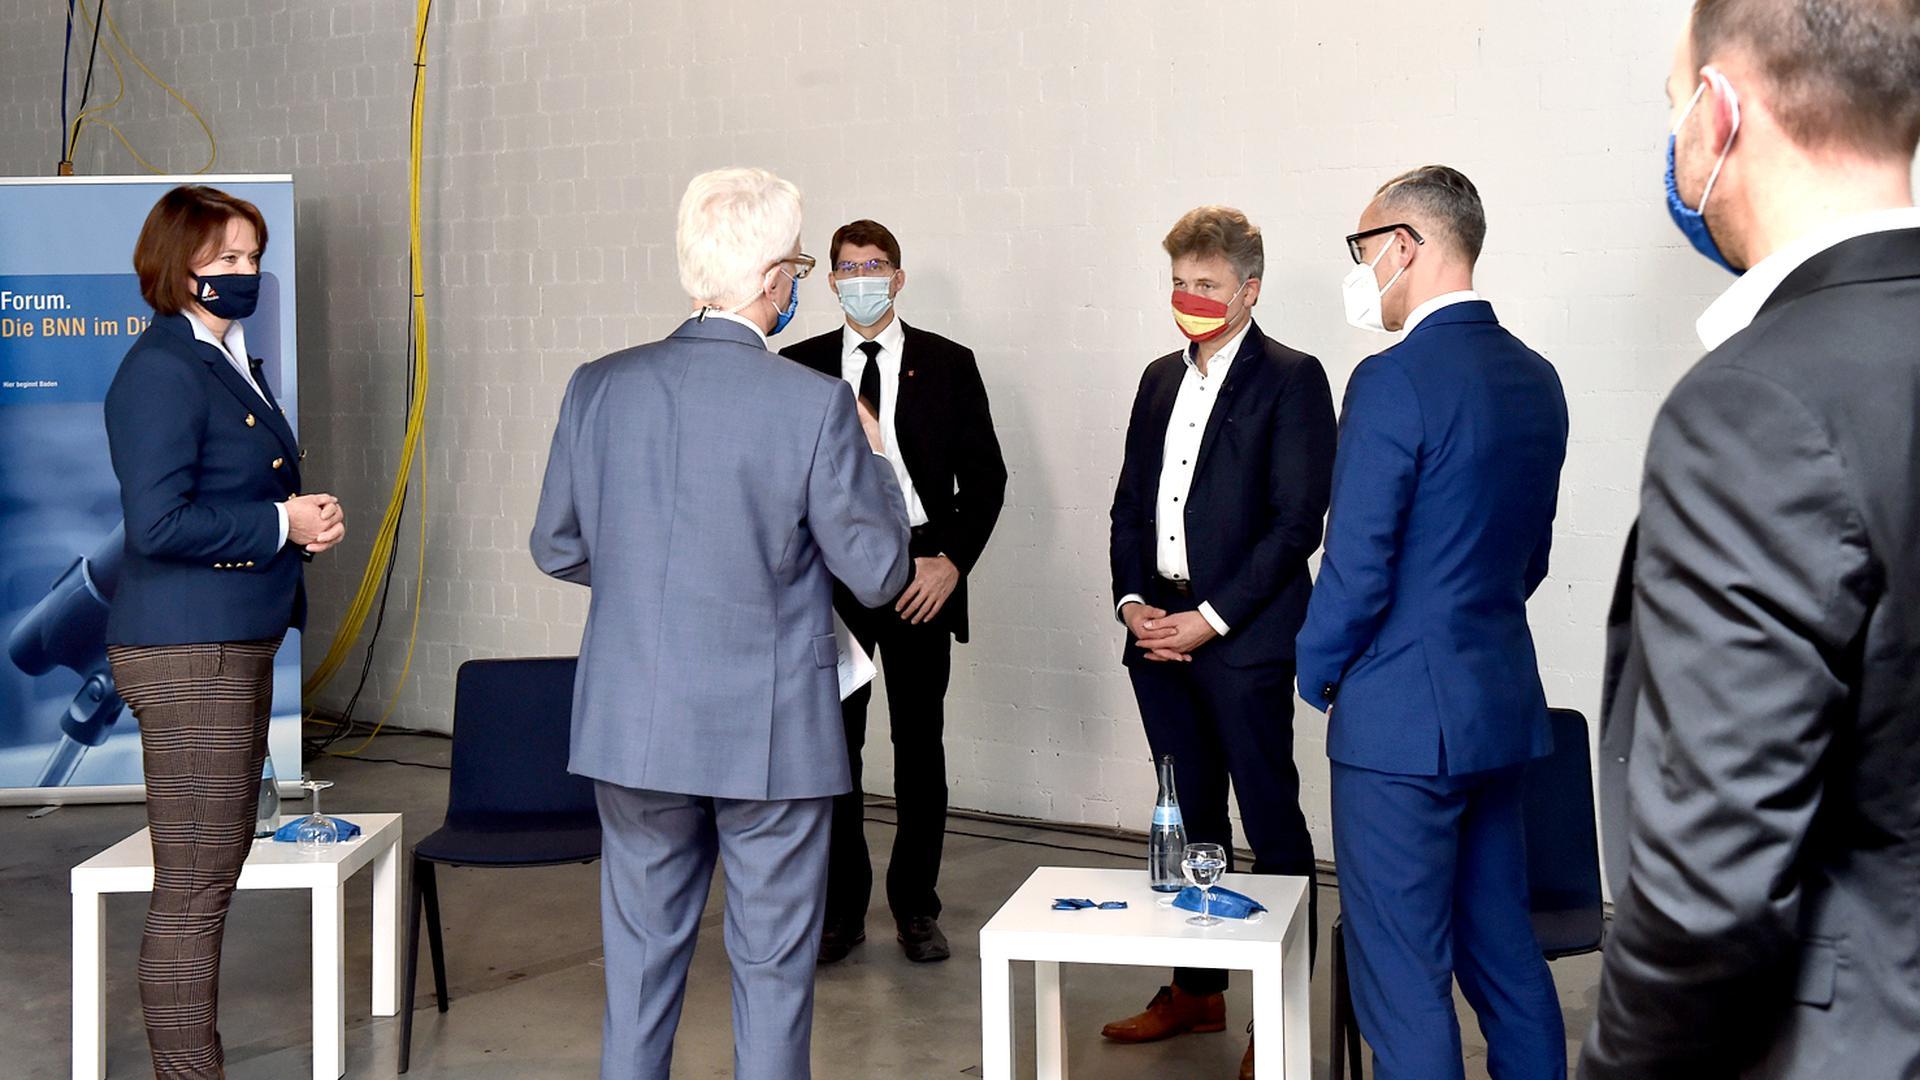 11.11.2020 Live vor laufenden Kameras im BNN-Verlagshaus in Karlsruhe-Neureut diskutieren mit Abstand die vier von Gemeinderatsfraktionen unterstützten Bewerber. Es sind der Amtsinhaber Frank Mentrup (SPD und Grüne), Sven Weigt (CDU und FDP), Petra Lorenz (Freie Wähler und Für Karlsruhe) und Paul Schmidt (AfD). Moderator des Abends ist BNN-Lokalchef Theo Westermann